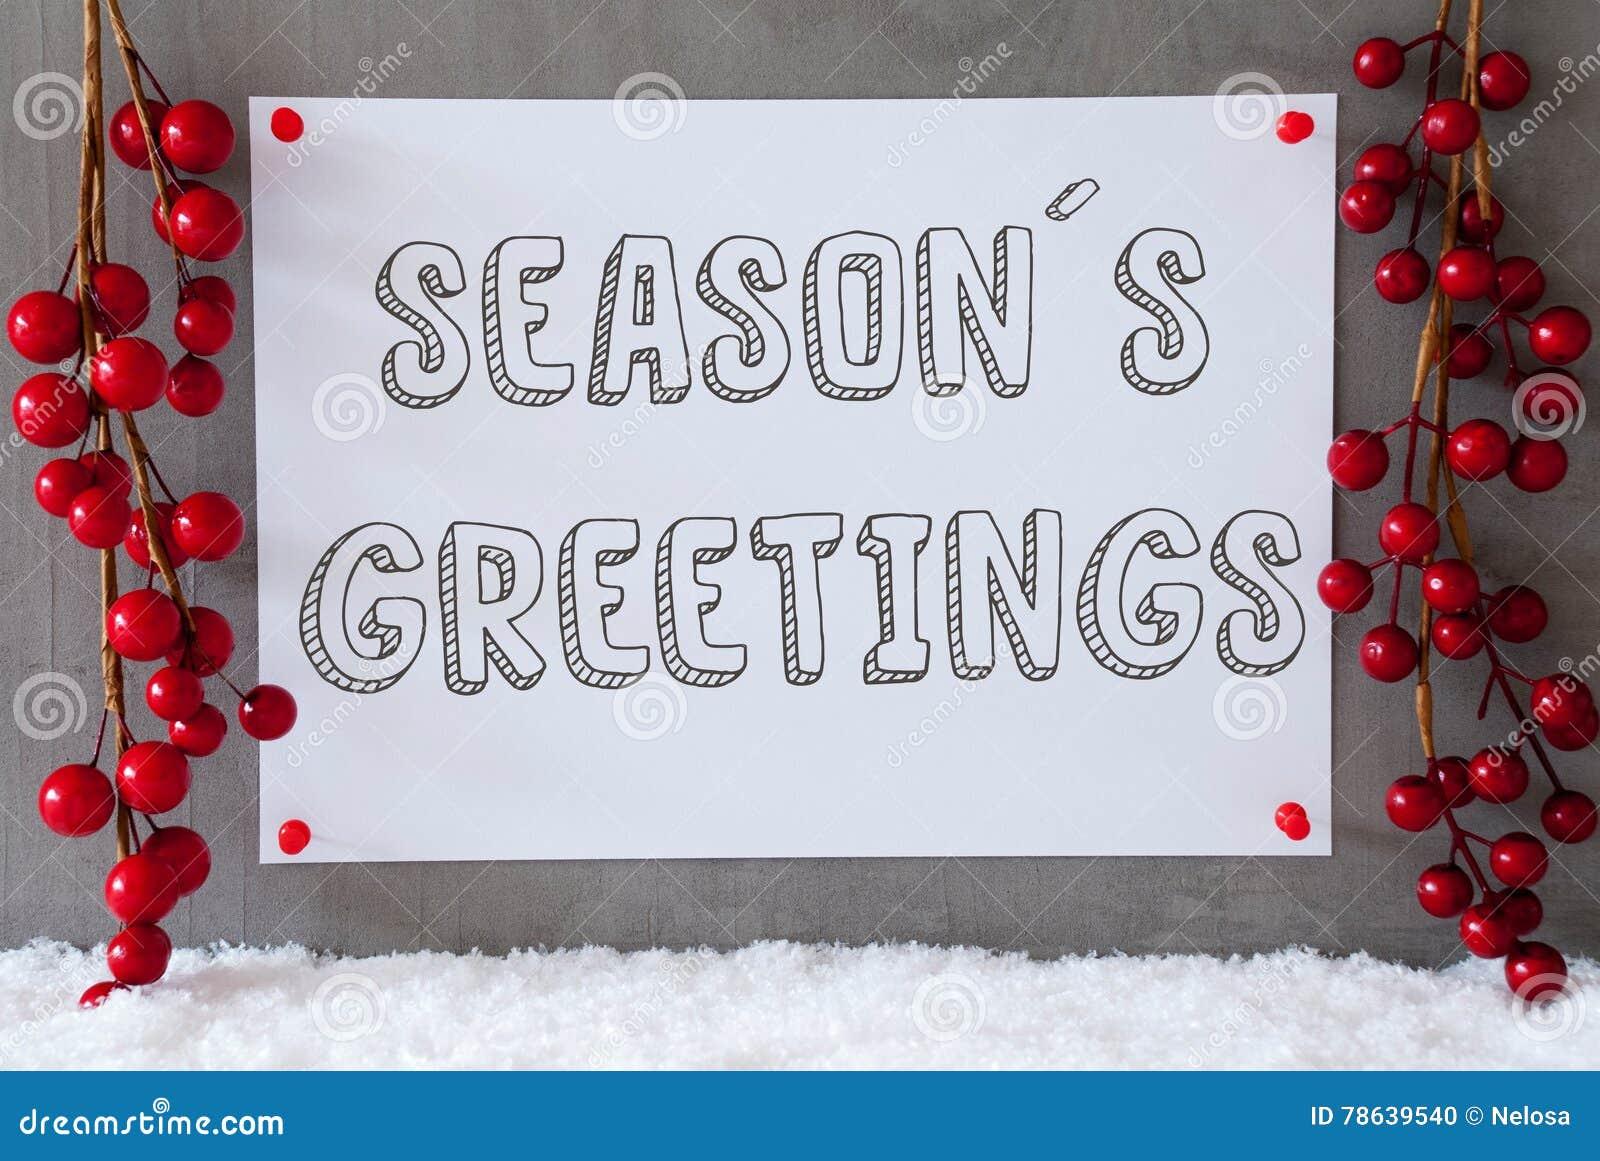 Aufkleber, Schnee, Weihnachtsdekoration, Text Würzt Grüße Stockfoto ...